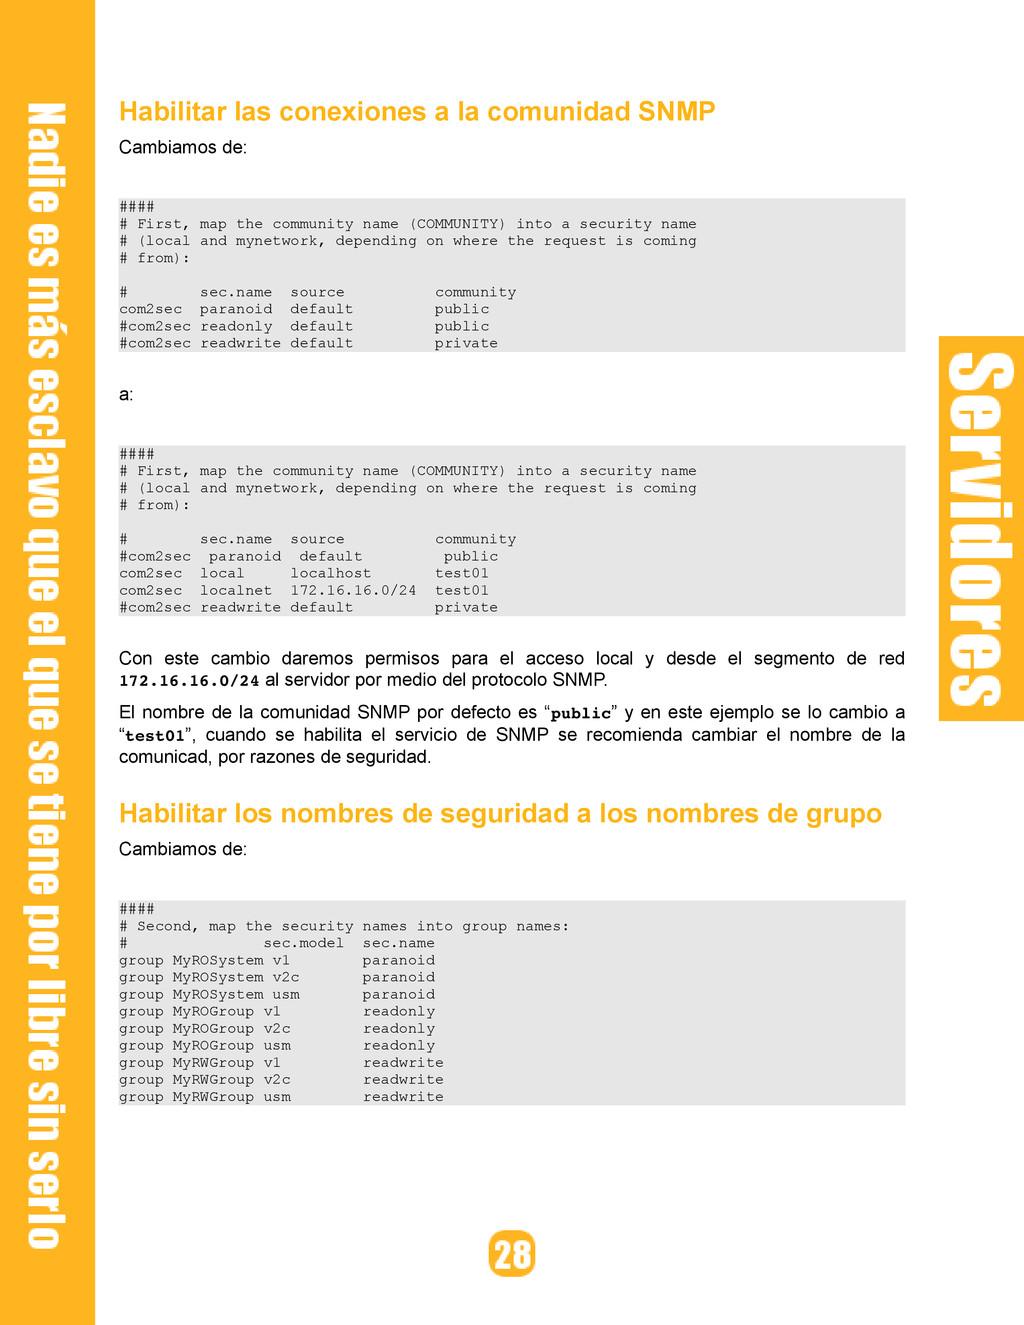 Habilitar las conexiones a la comunidad SNMP Ca...